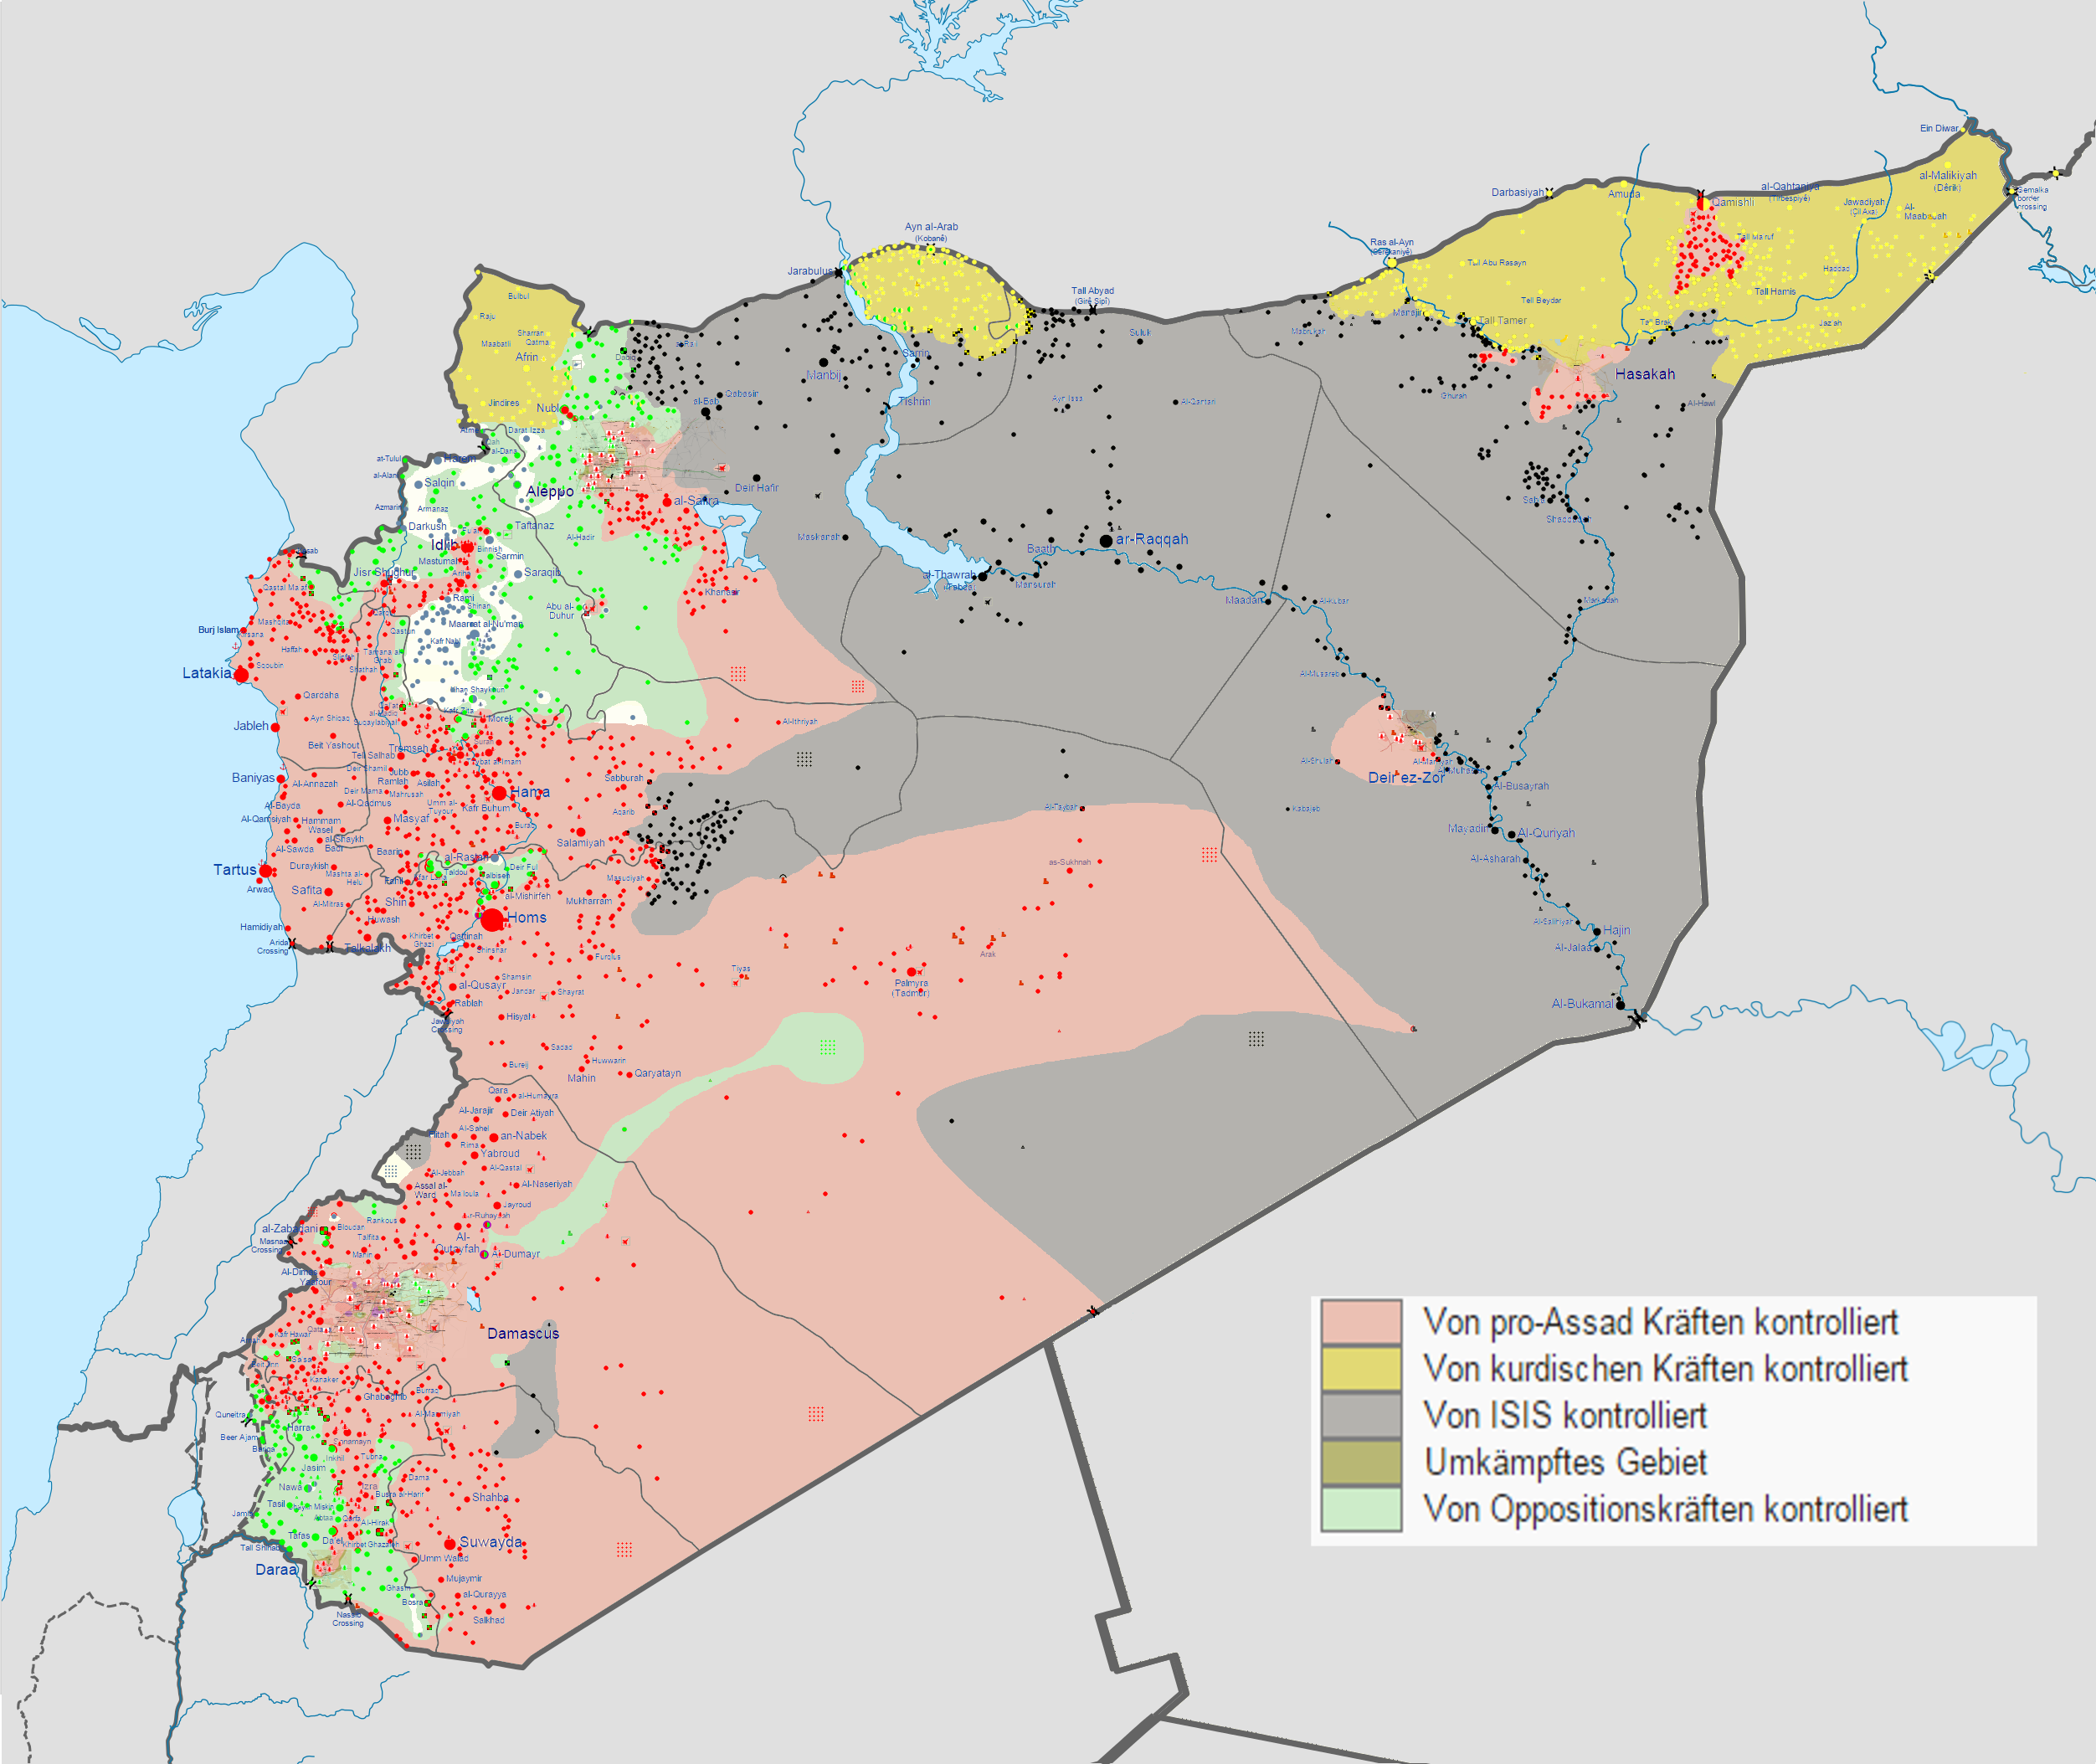 Der zersplitterte Staat Syrien